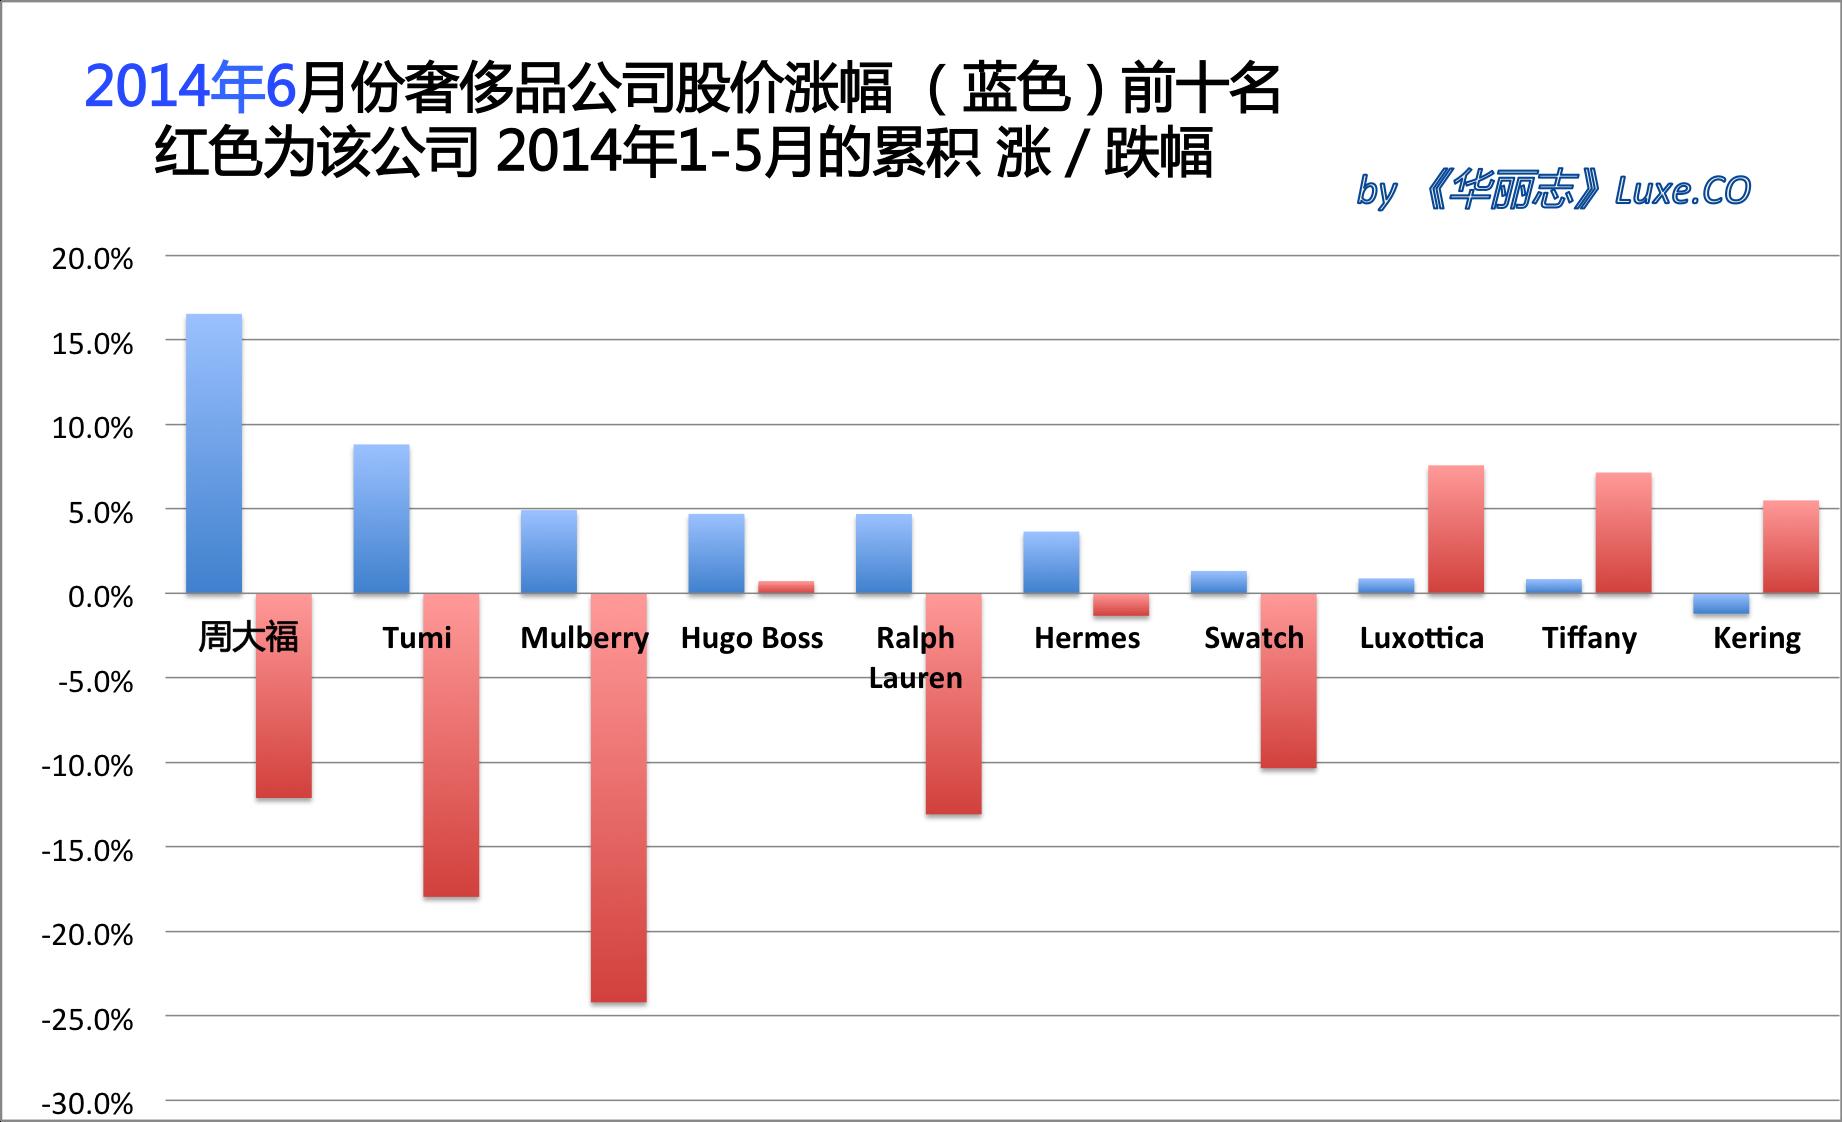 《华丽志》奢侈品股票月度排行榜(2014年6月)